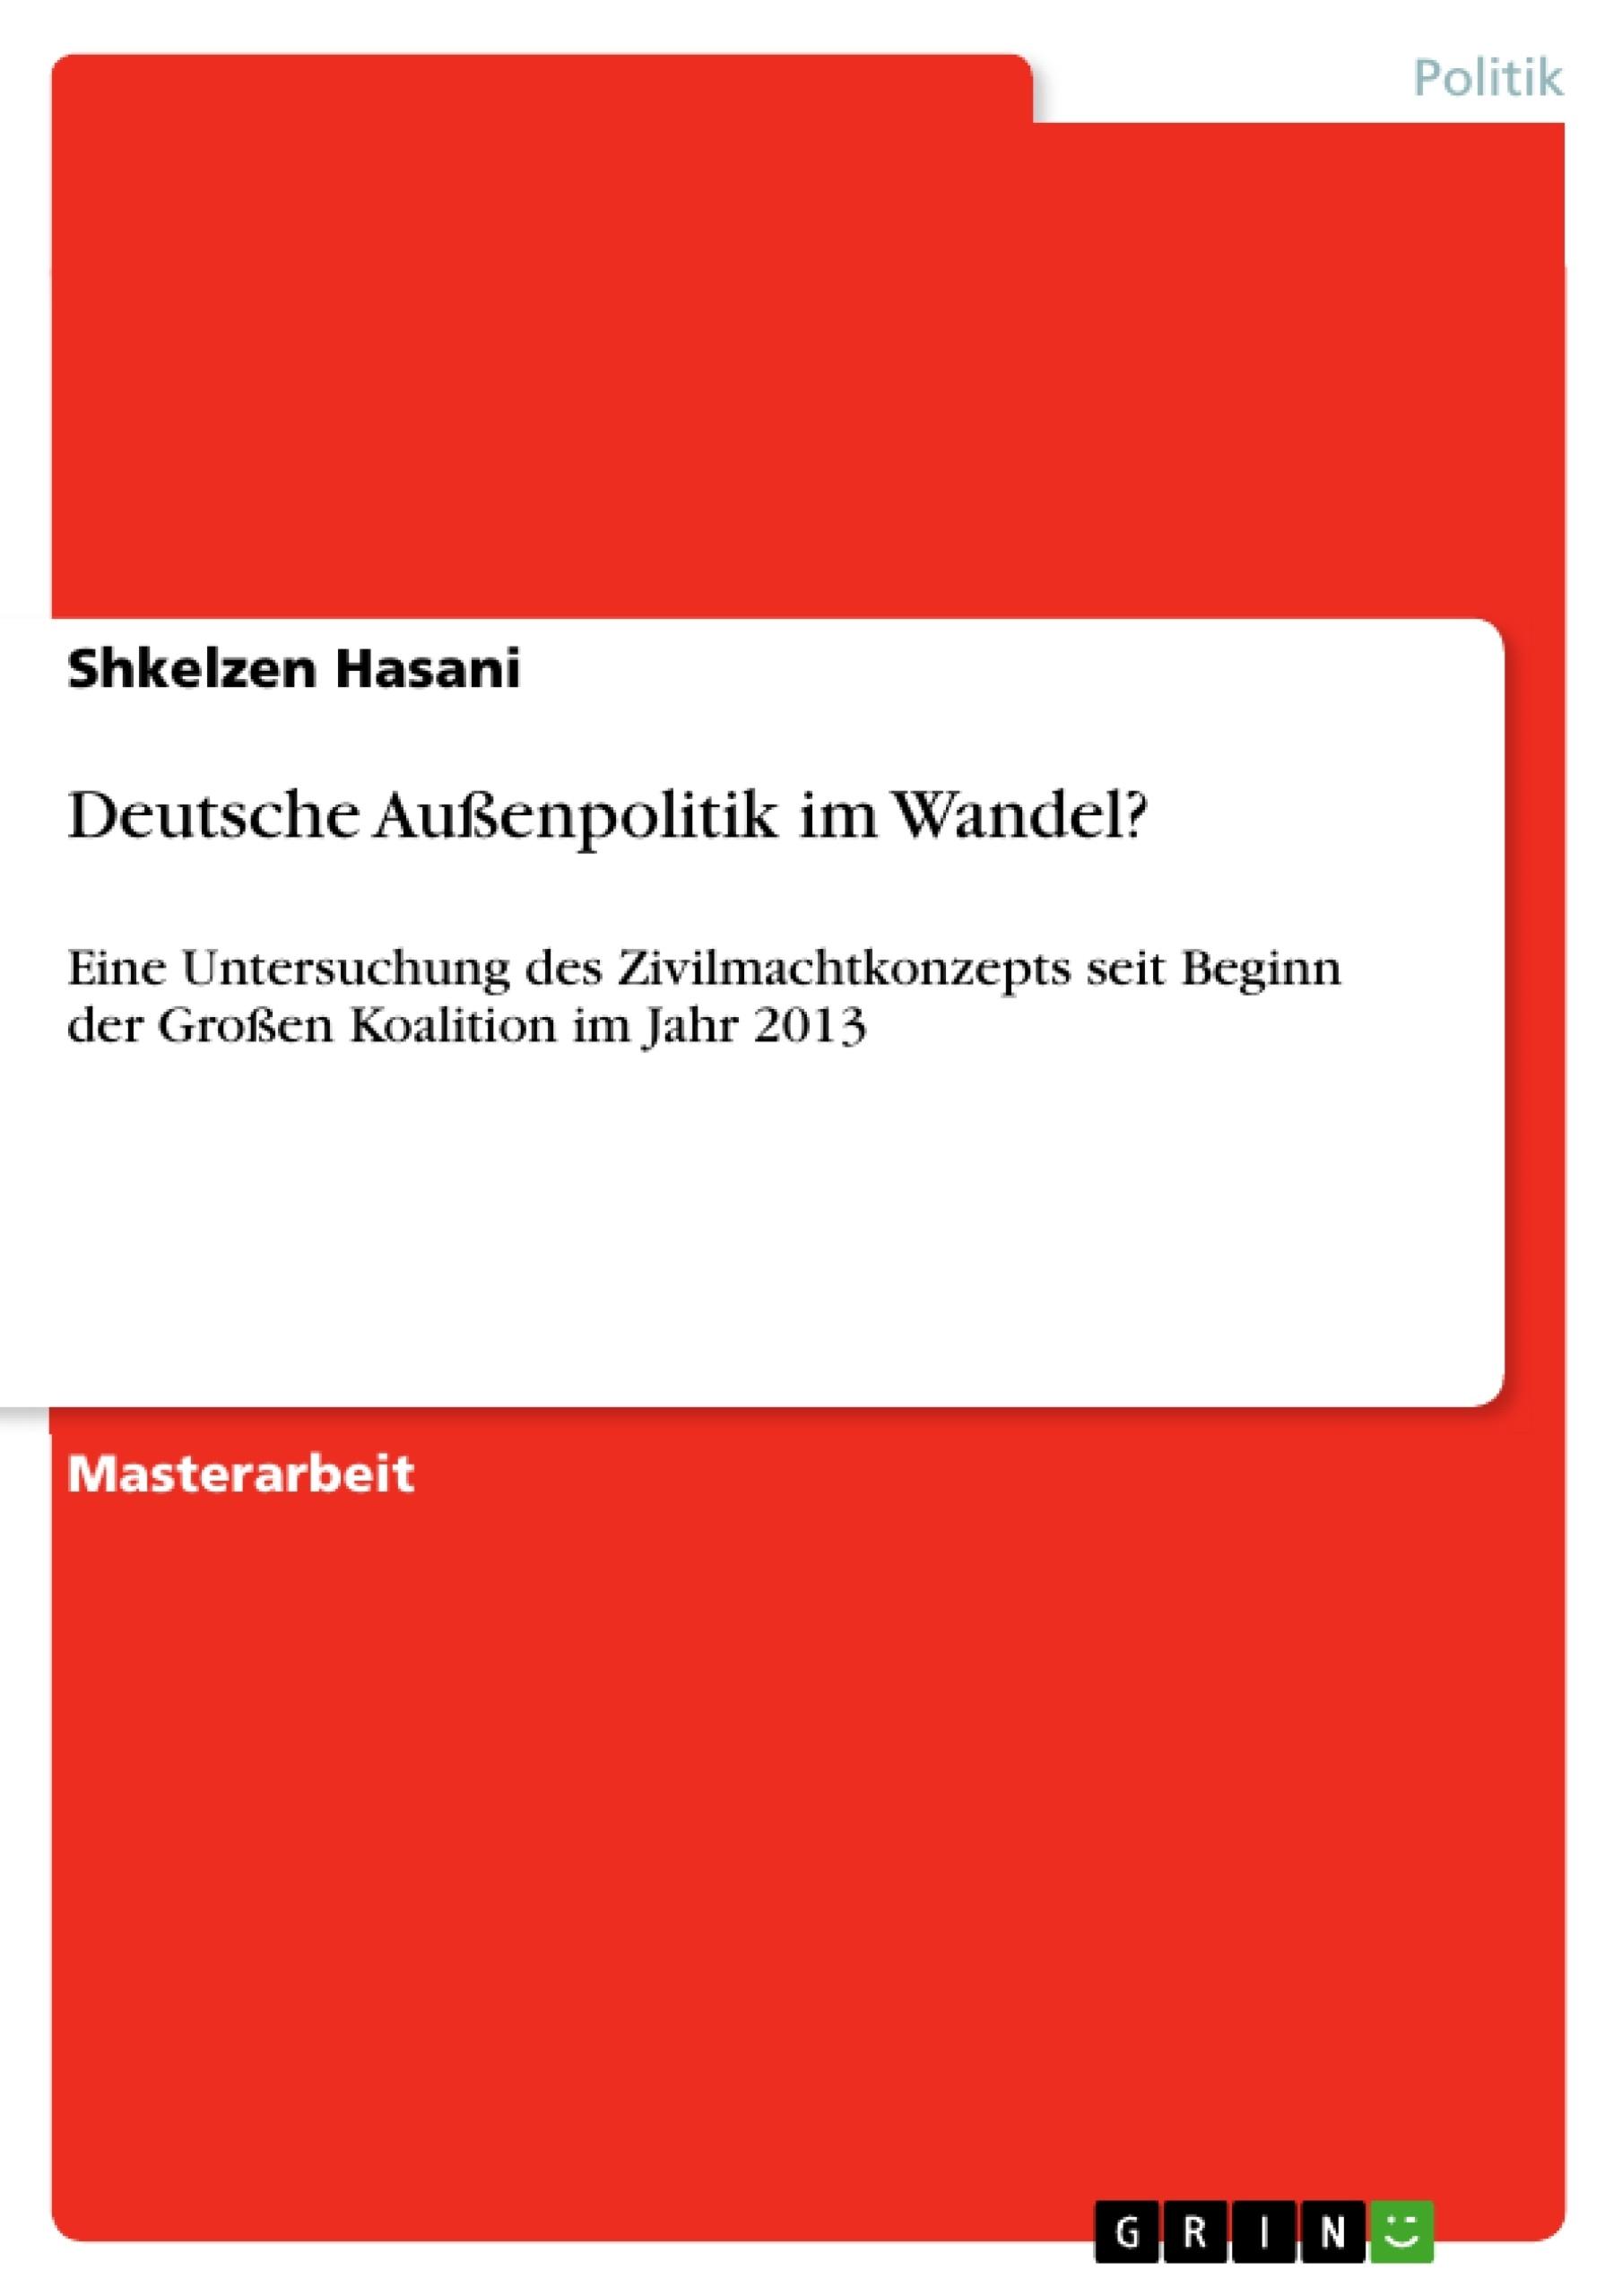 Titel: Deutsche Außenpolitik im Wandel?